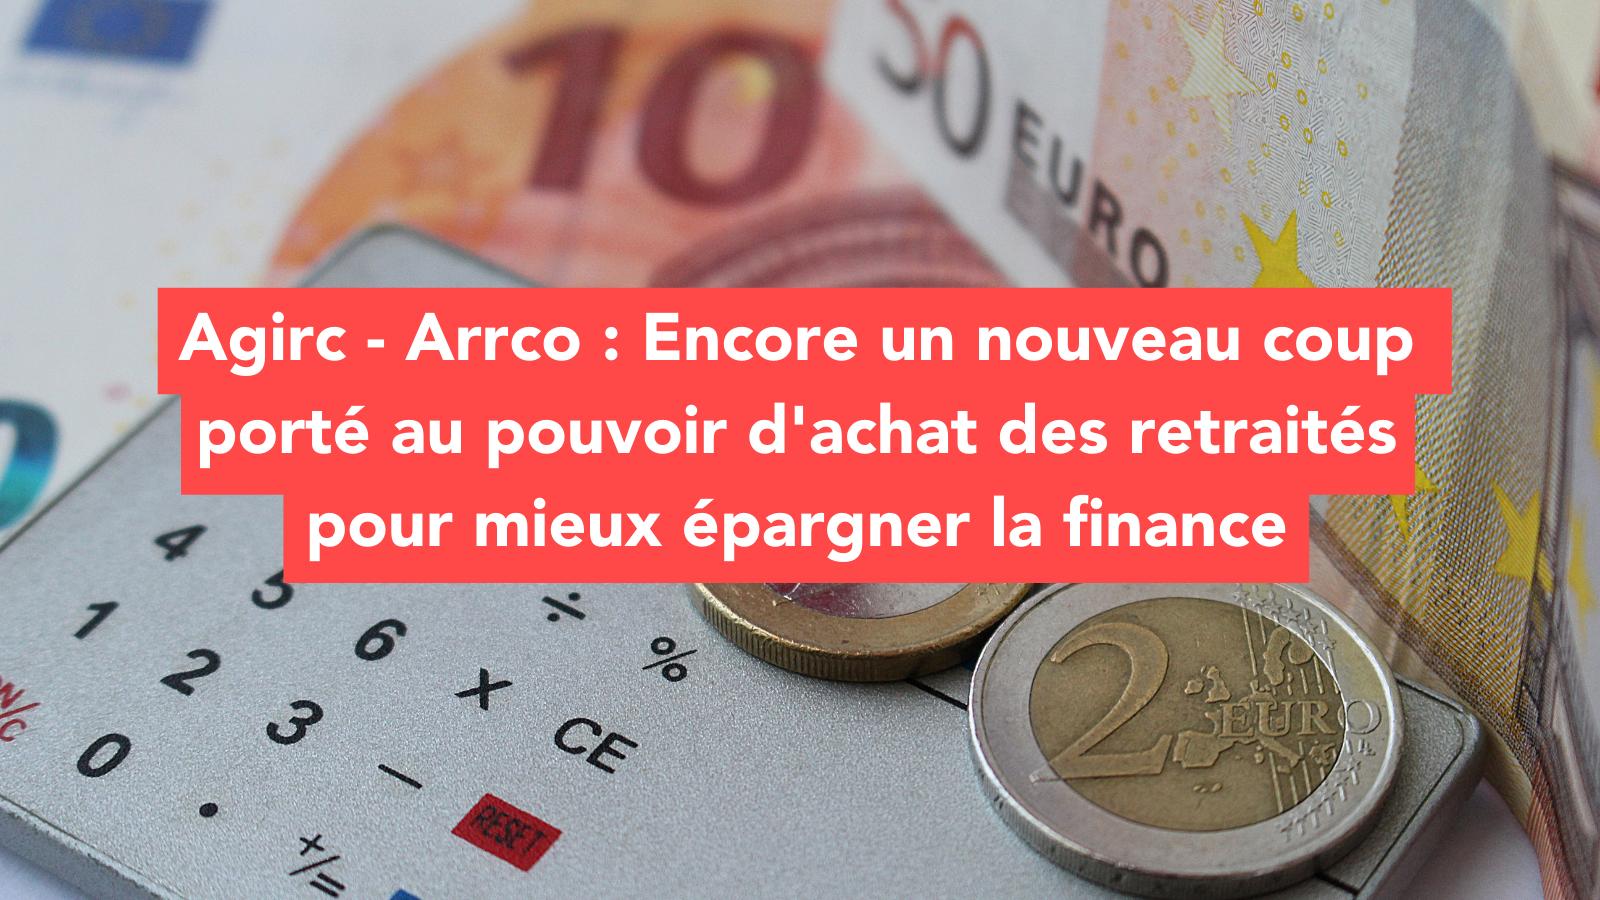 Communiqué de presse : Agirc - Arrco : Encore un nouveau coup porté au pouvoir d'achat des retraités pour mieux épargner la finance